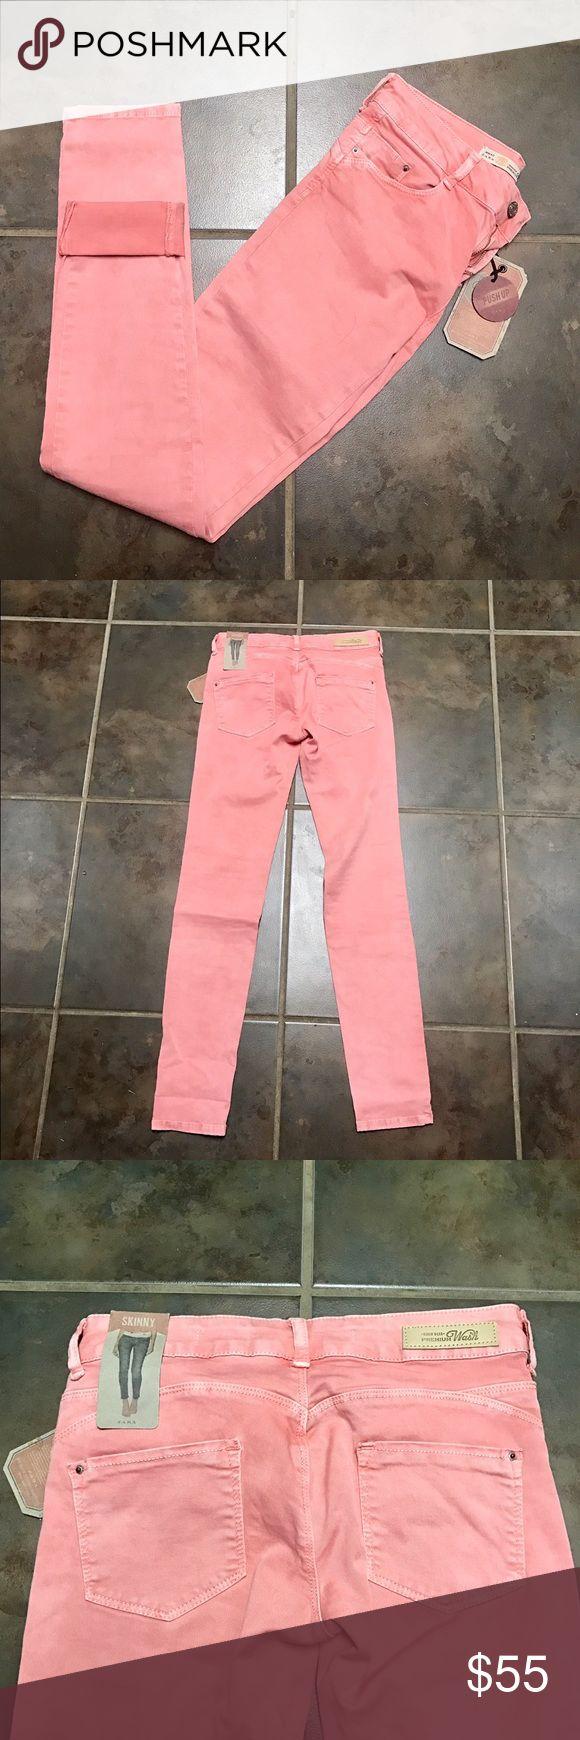 Zara premium wash pinkish-nude jeans. NWT! Zara premium wash skinny pinkish-nude jeans. NWT! Size 4 Zara Jeans Skinny